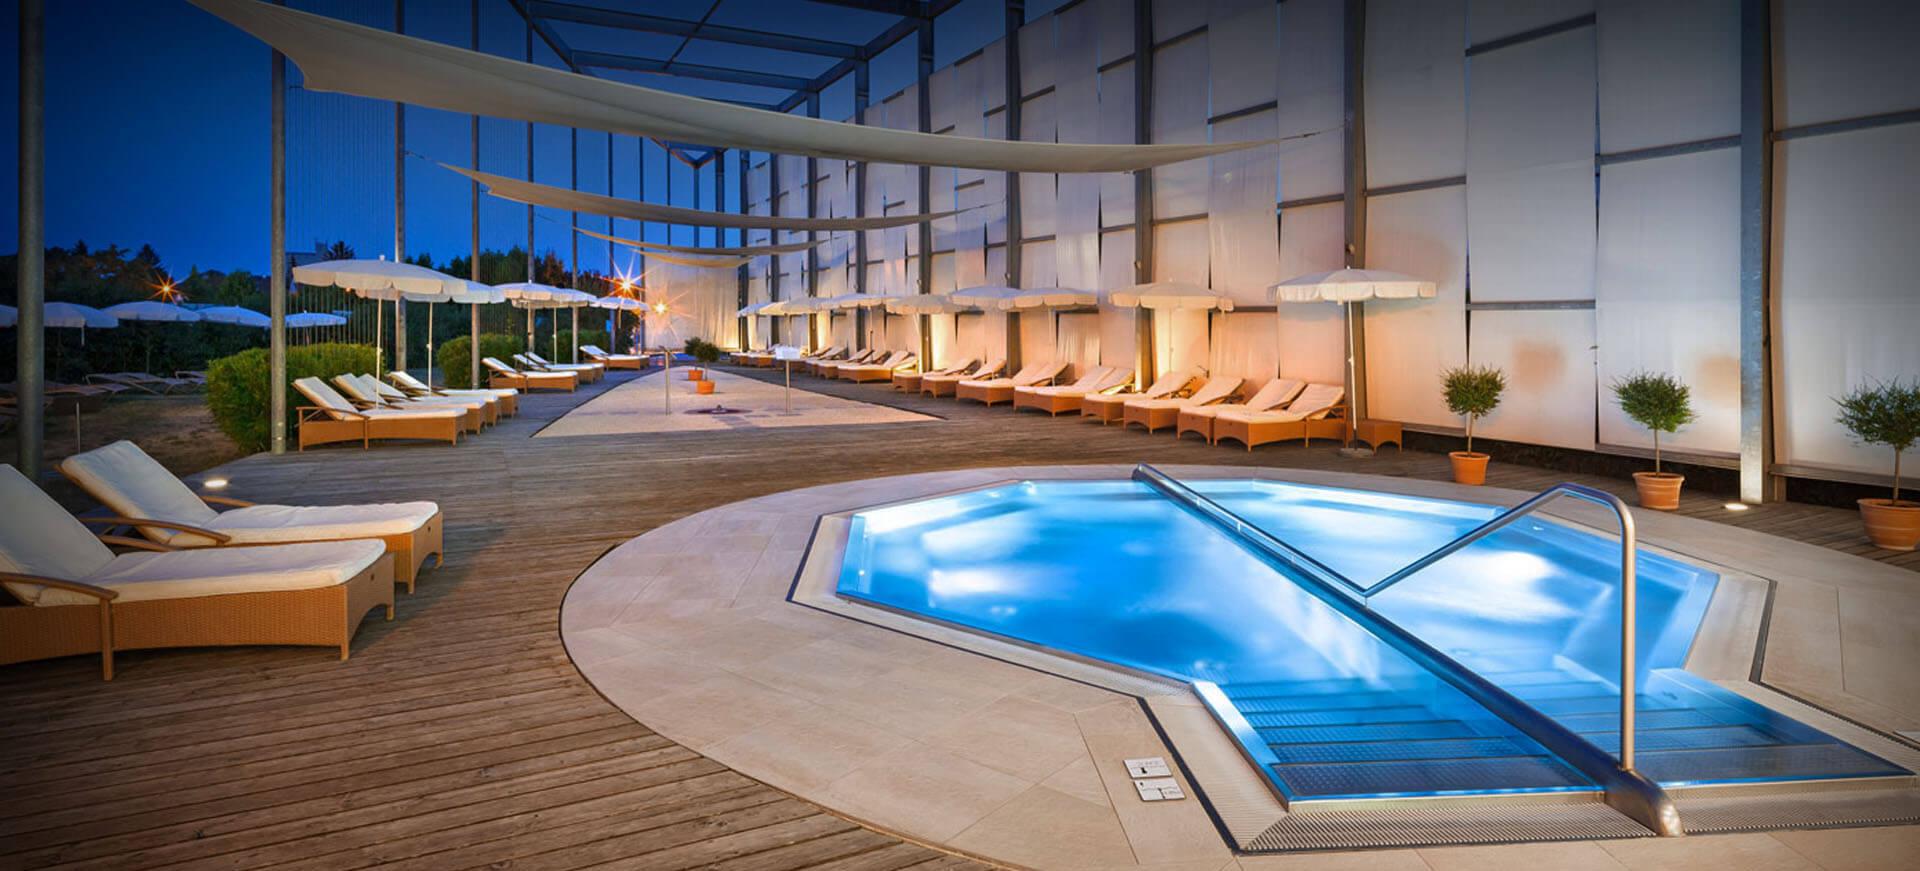 grand spa pool